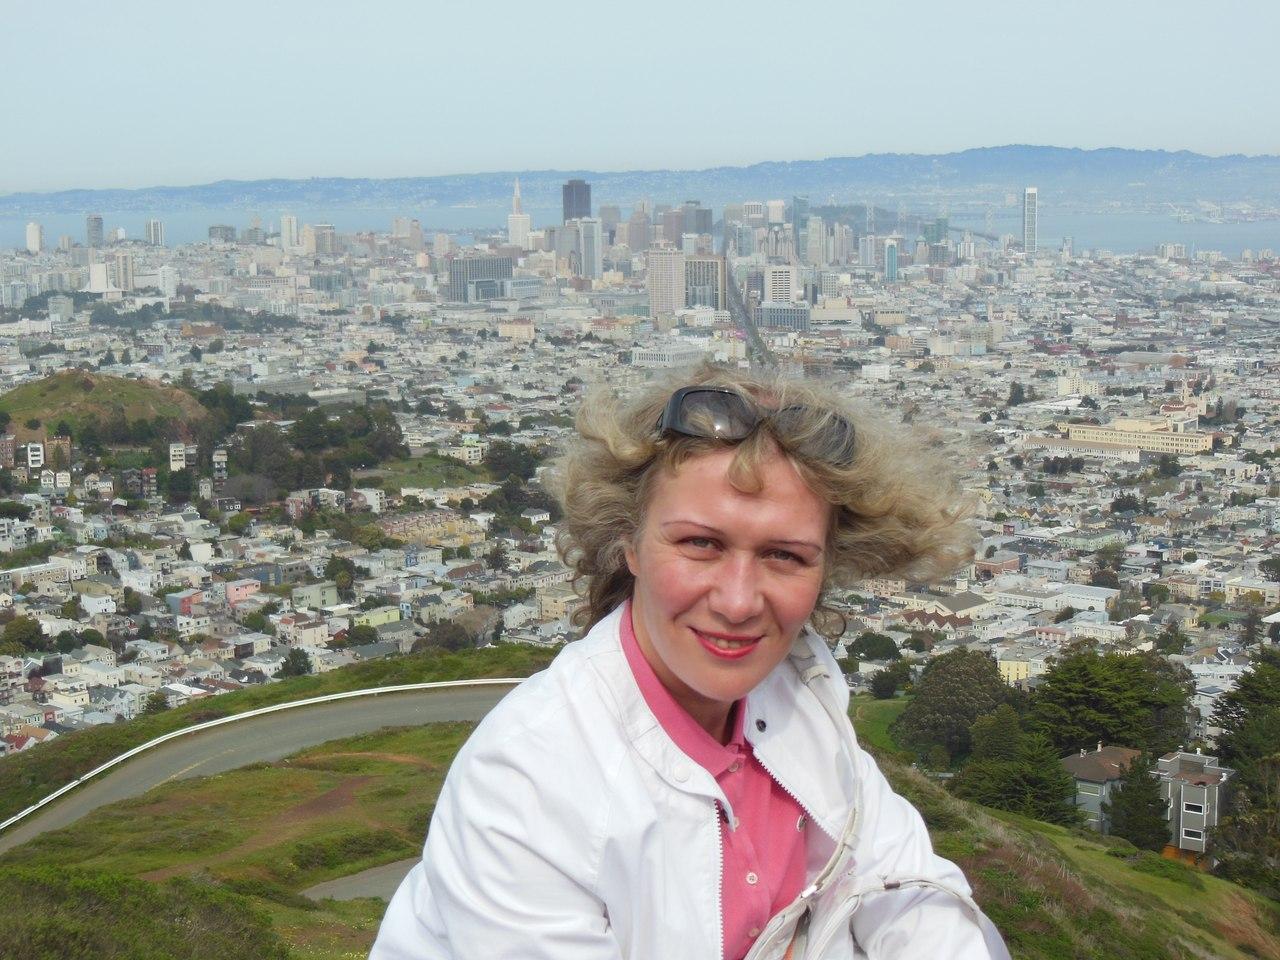 Судья Эльвира Трифонова на отдыхе в Сан-Франциско. Фото ©VK / Elvira Trifonova